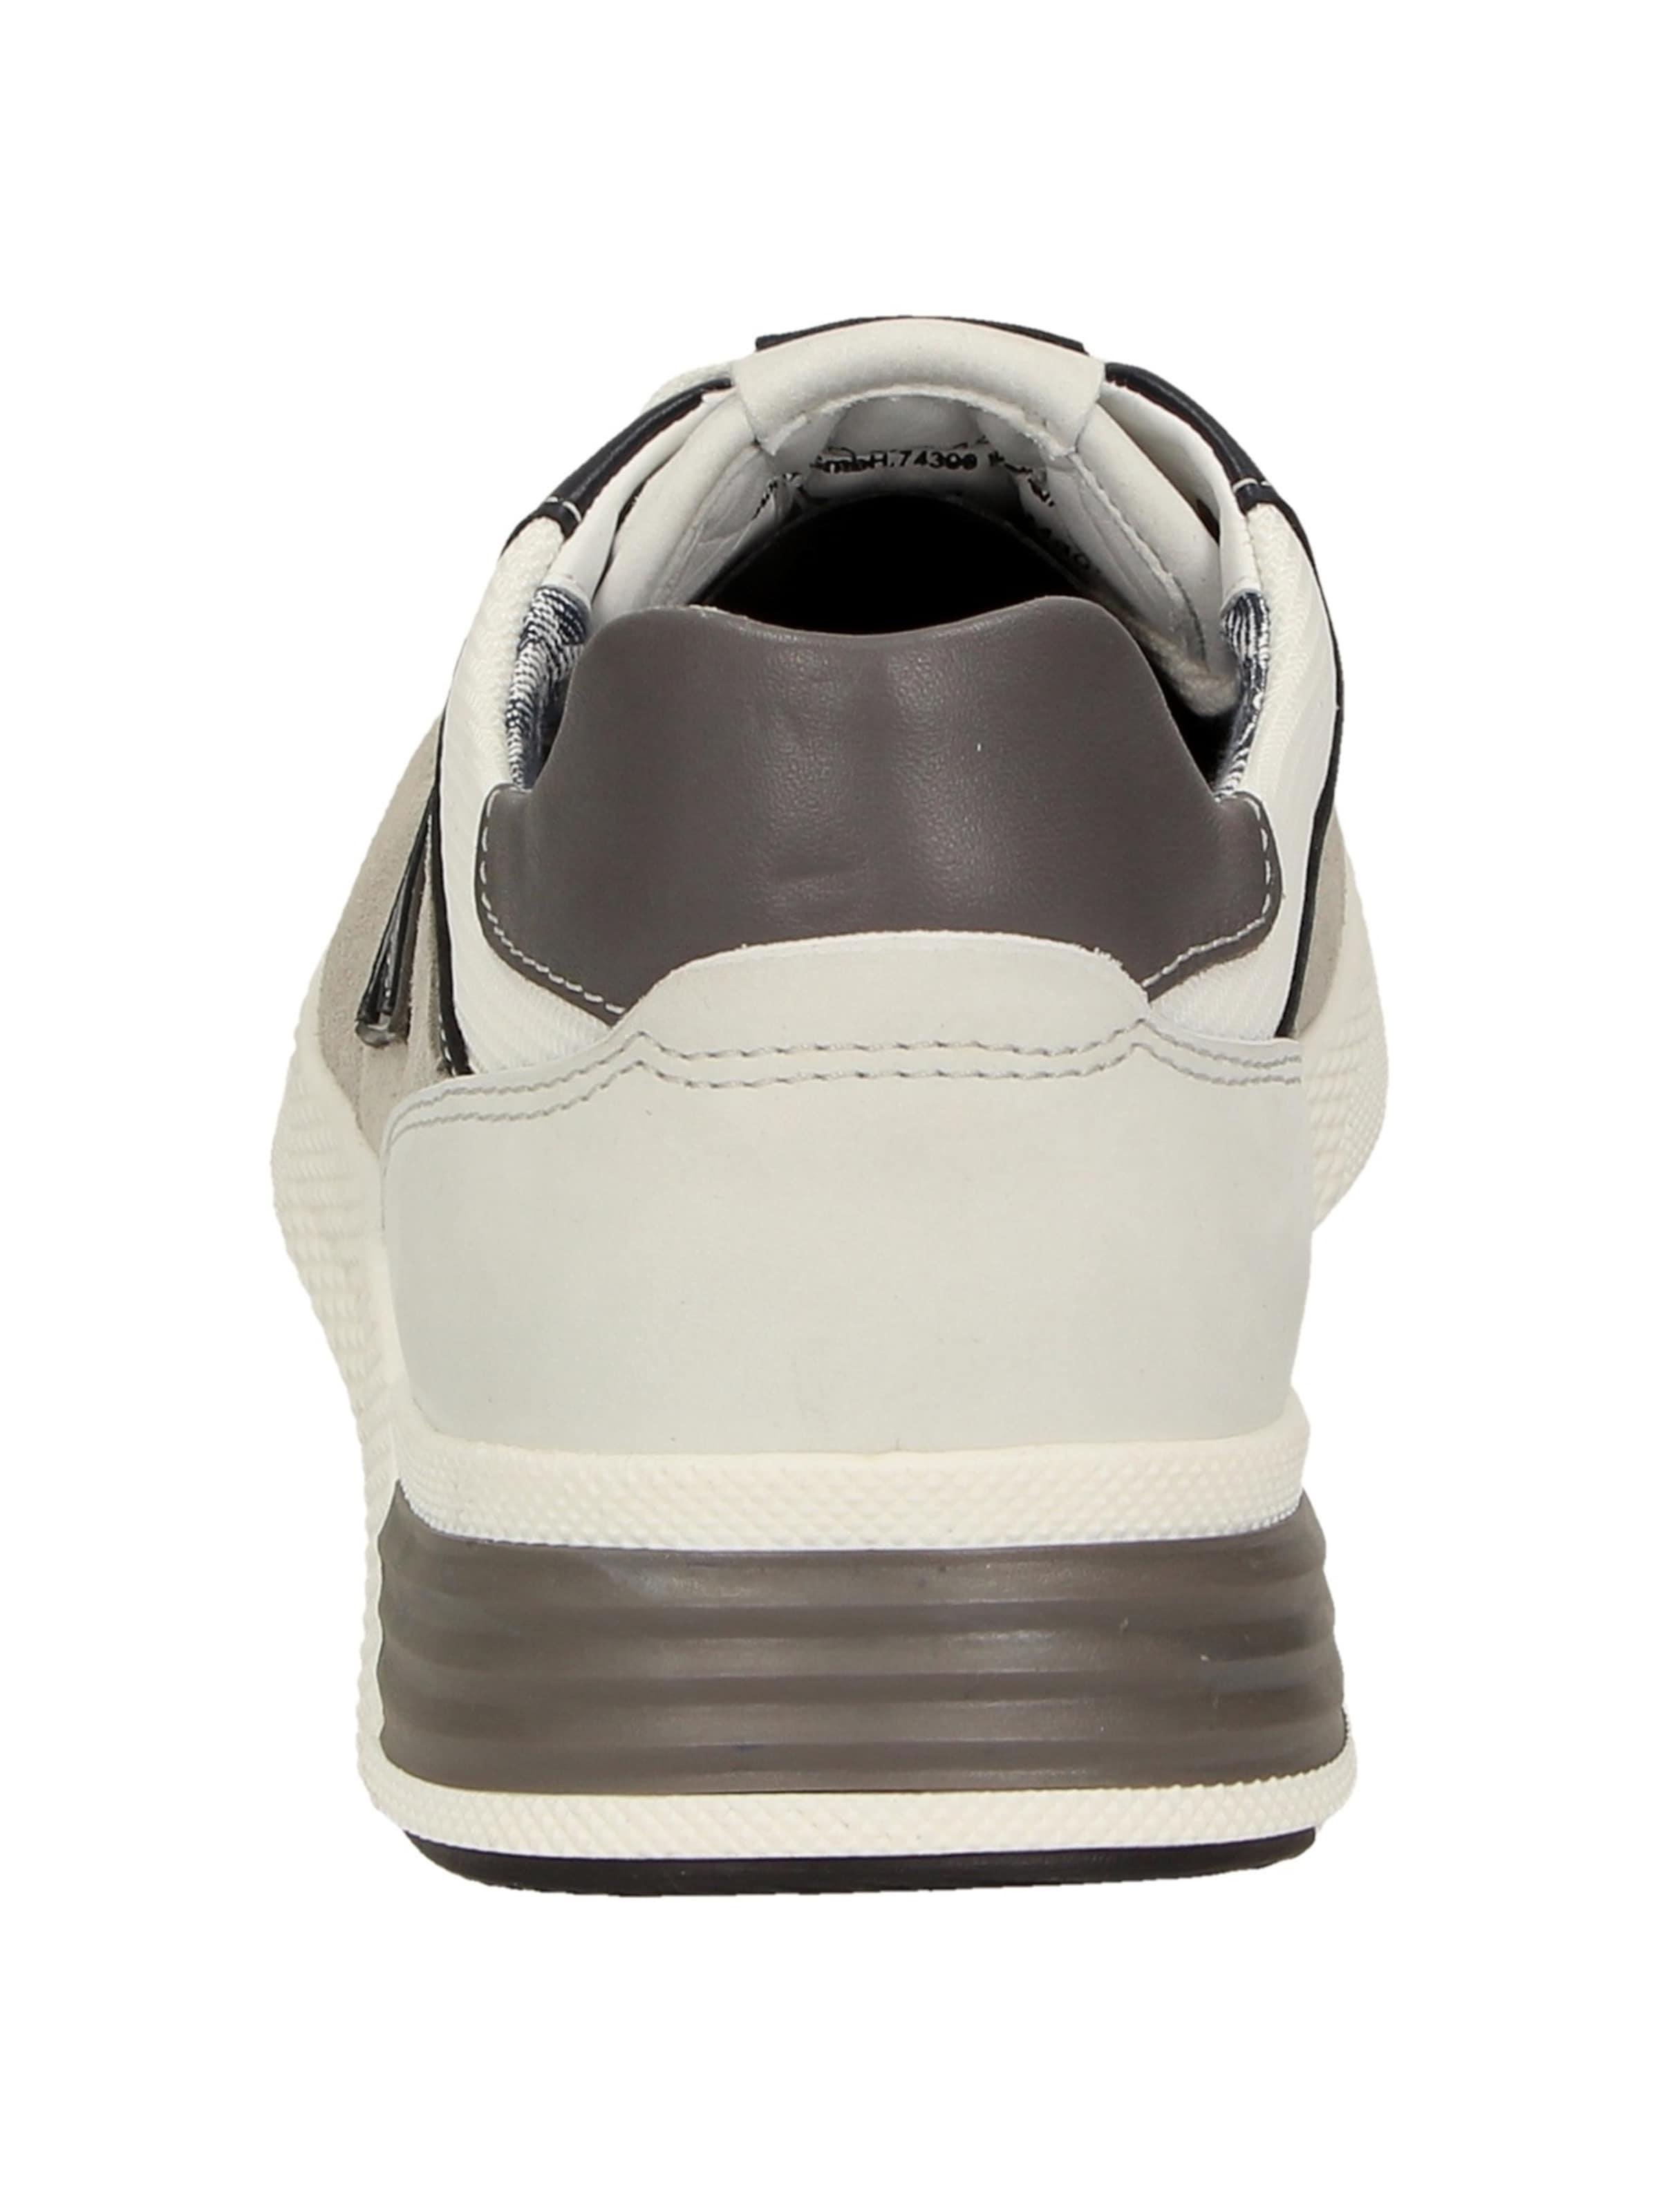 Sioux Schwarz 'natovan In Sneaker 701' Weiß TaupeGreige wONnP0m8yv